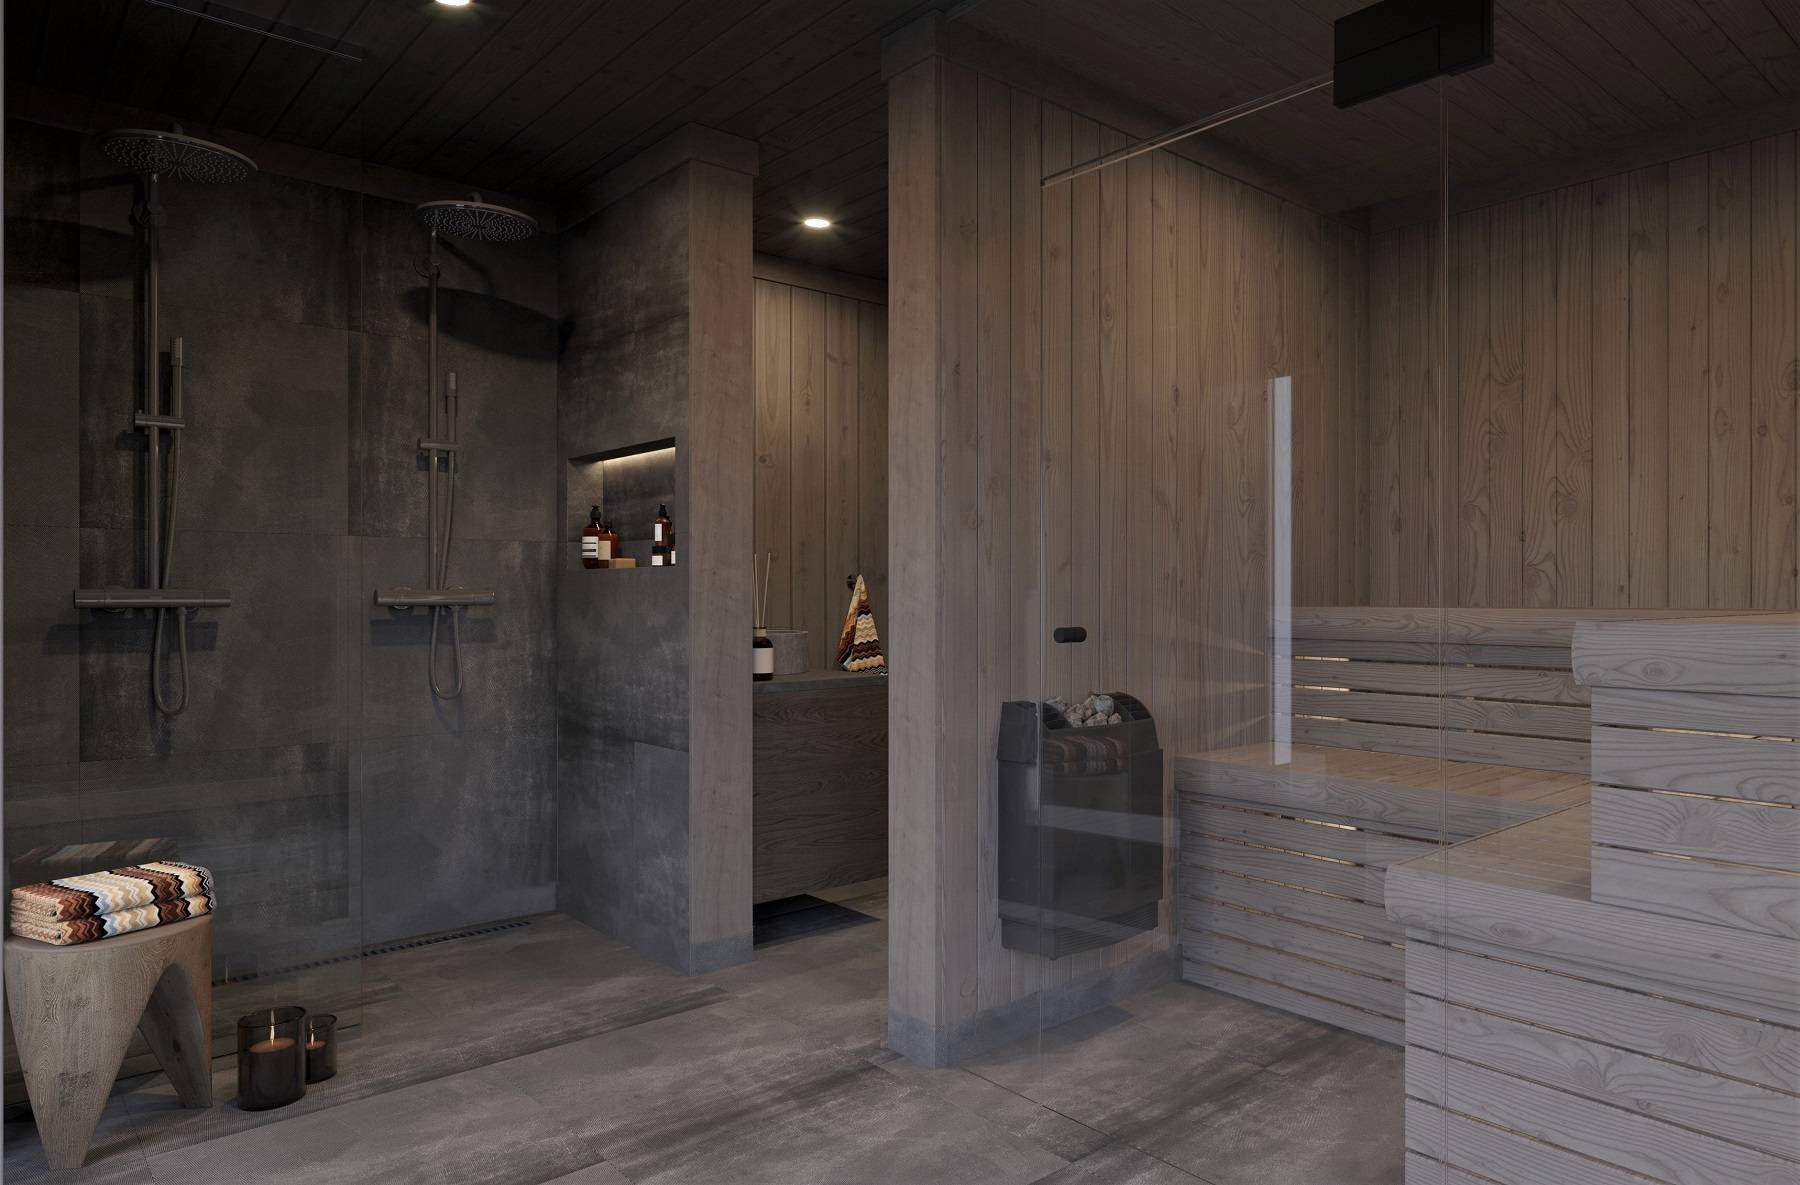 210 Badstua i spabadet med hel glassfront mot utsiktsvinduene – Hyttemodell Geilo 155